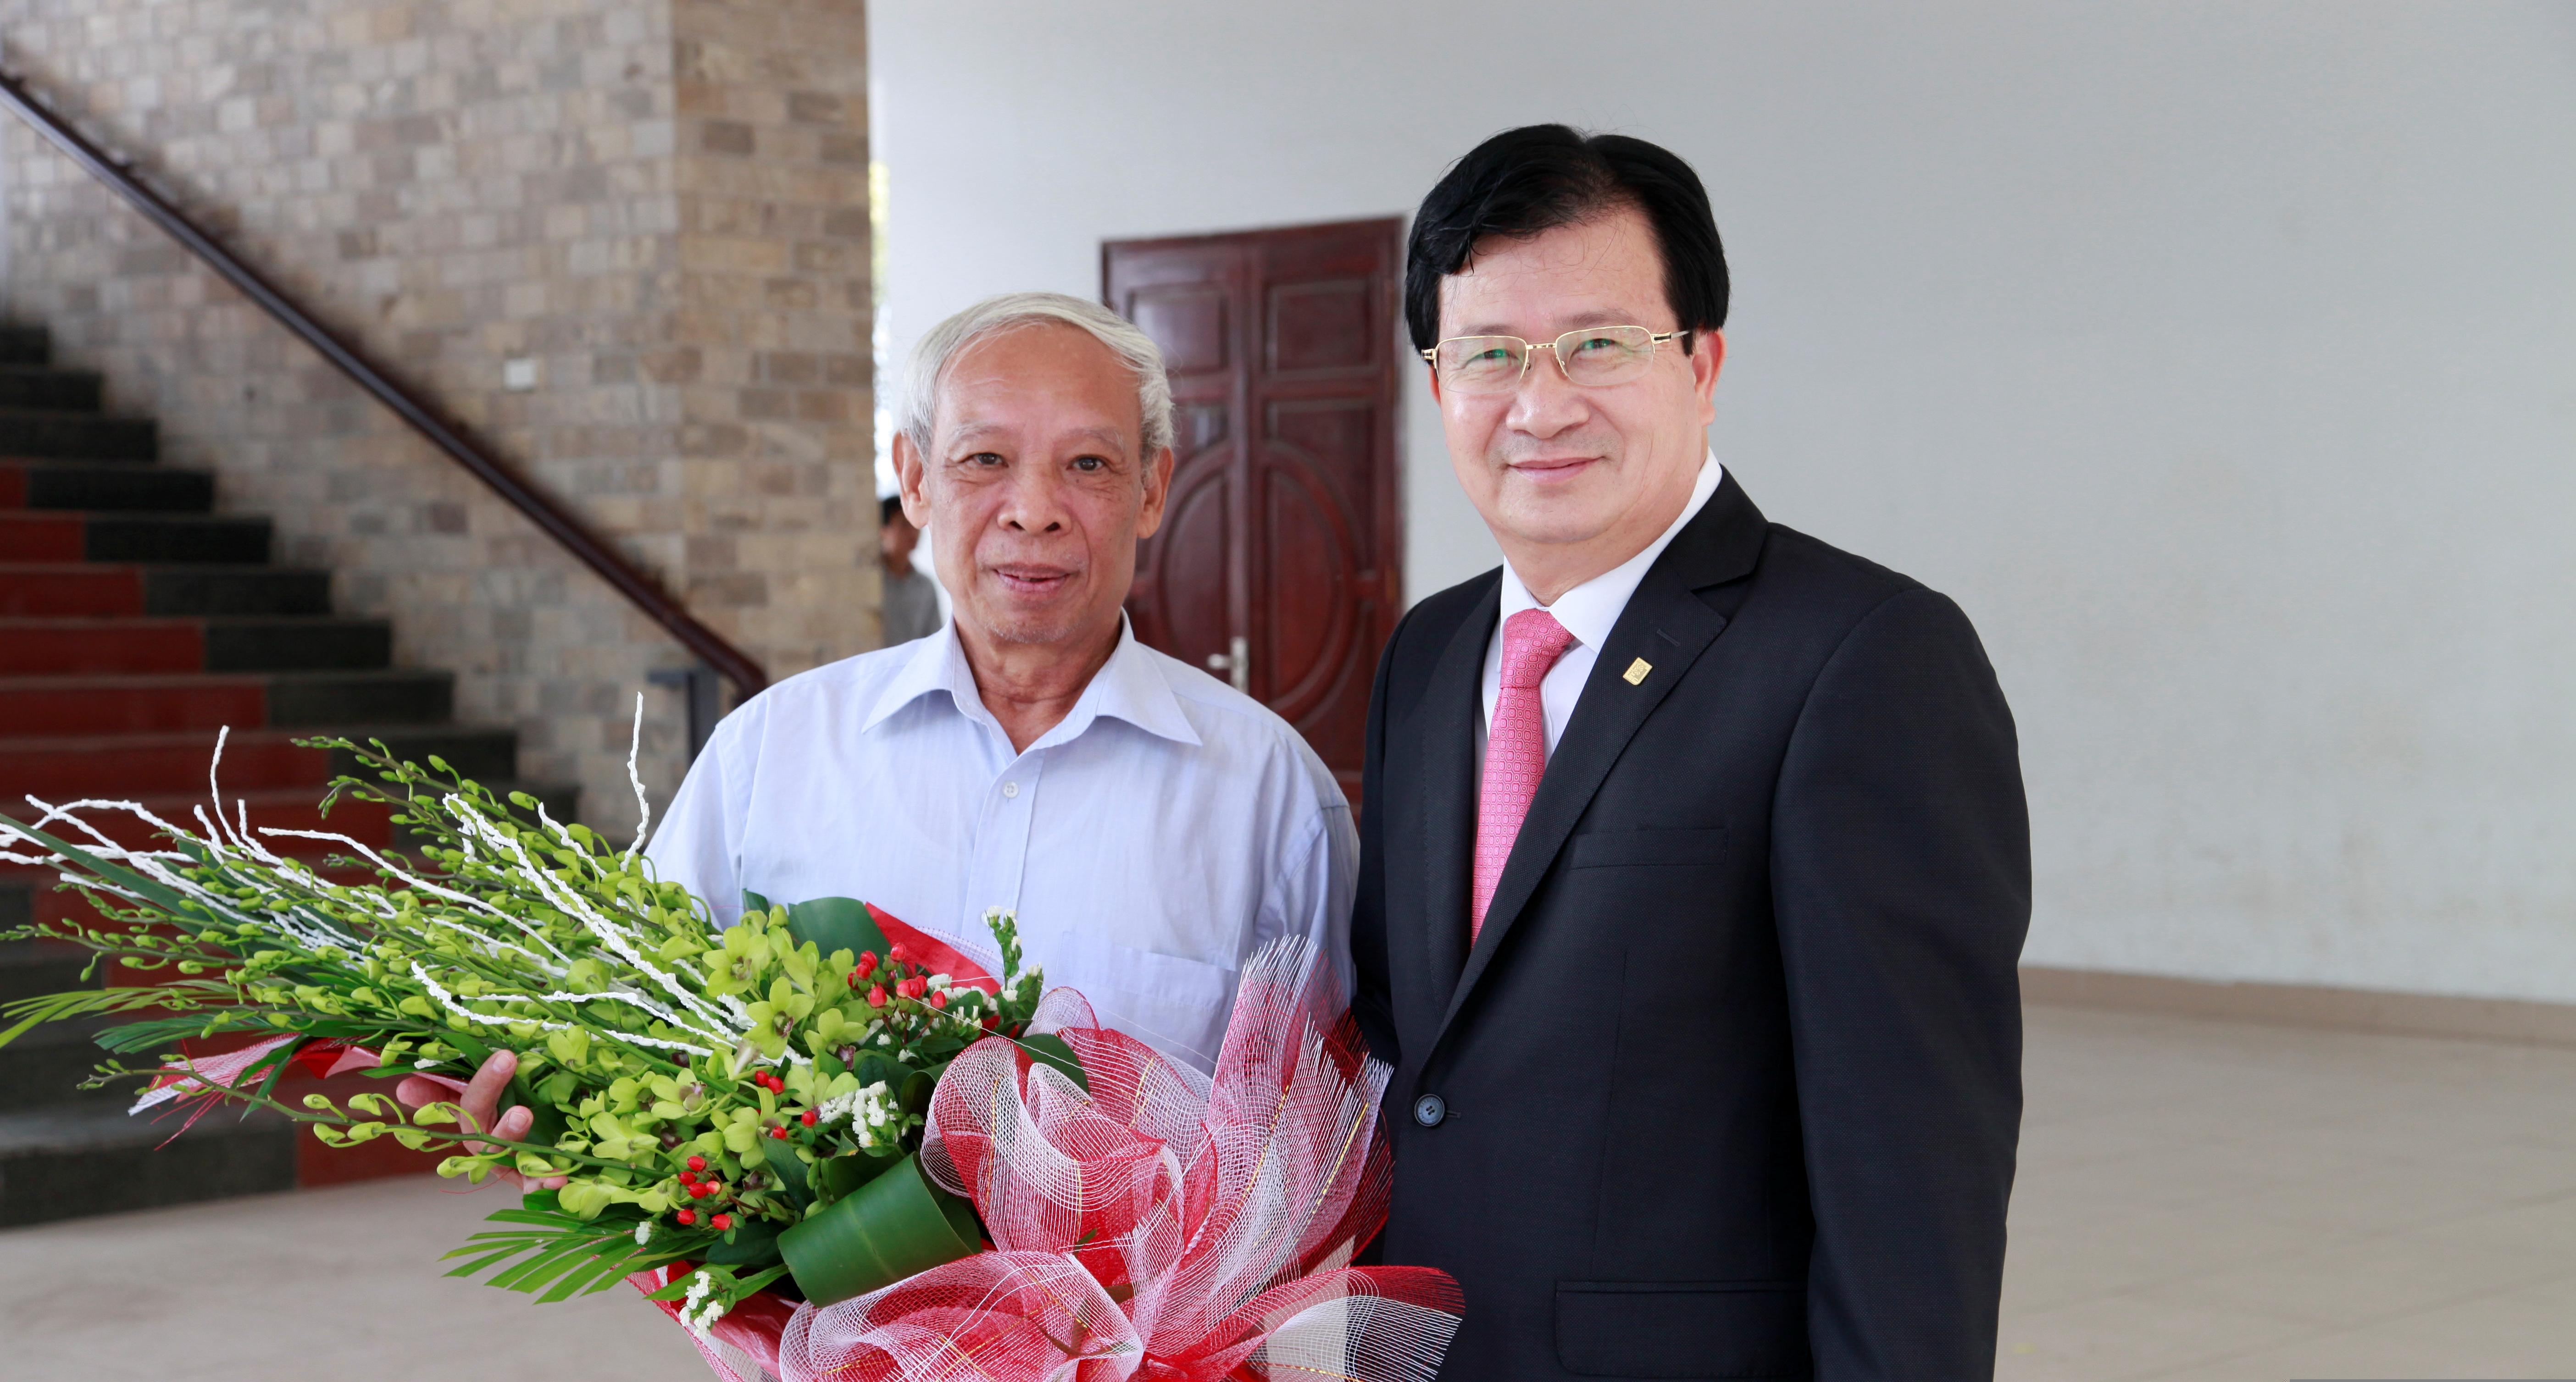 Thầy Trần Hiếu Nhuệ & Cựu SV Trịnh Đình Dũng